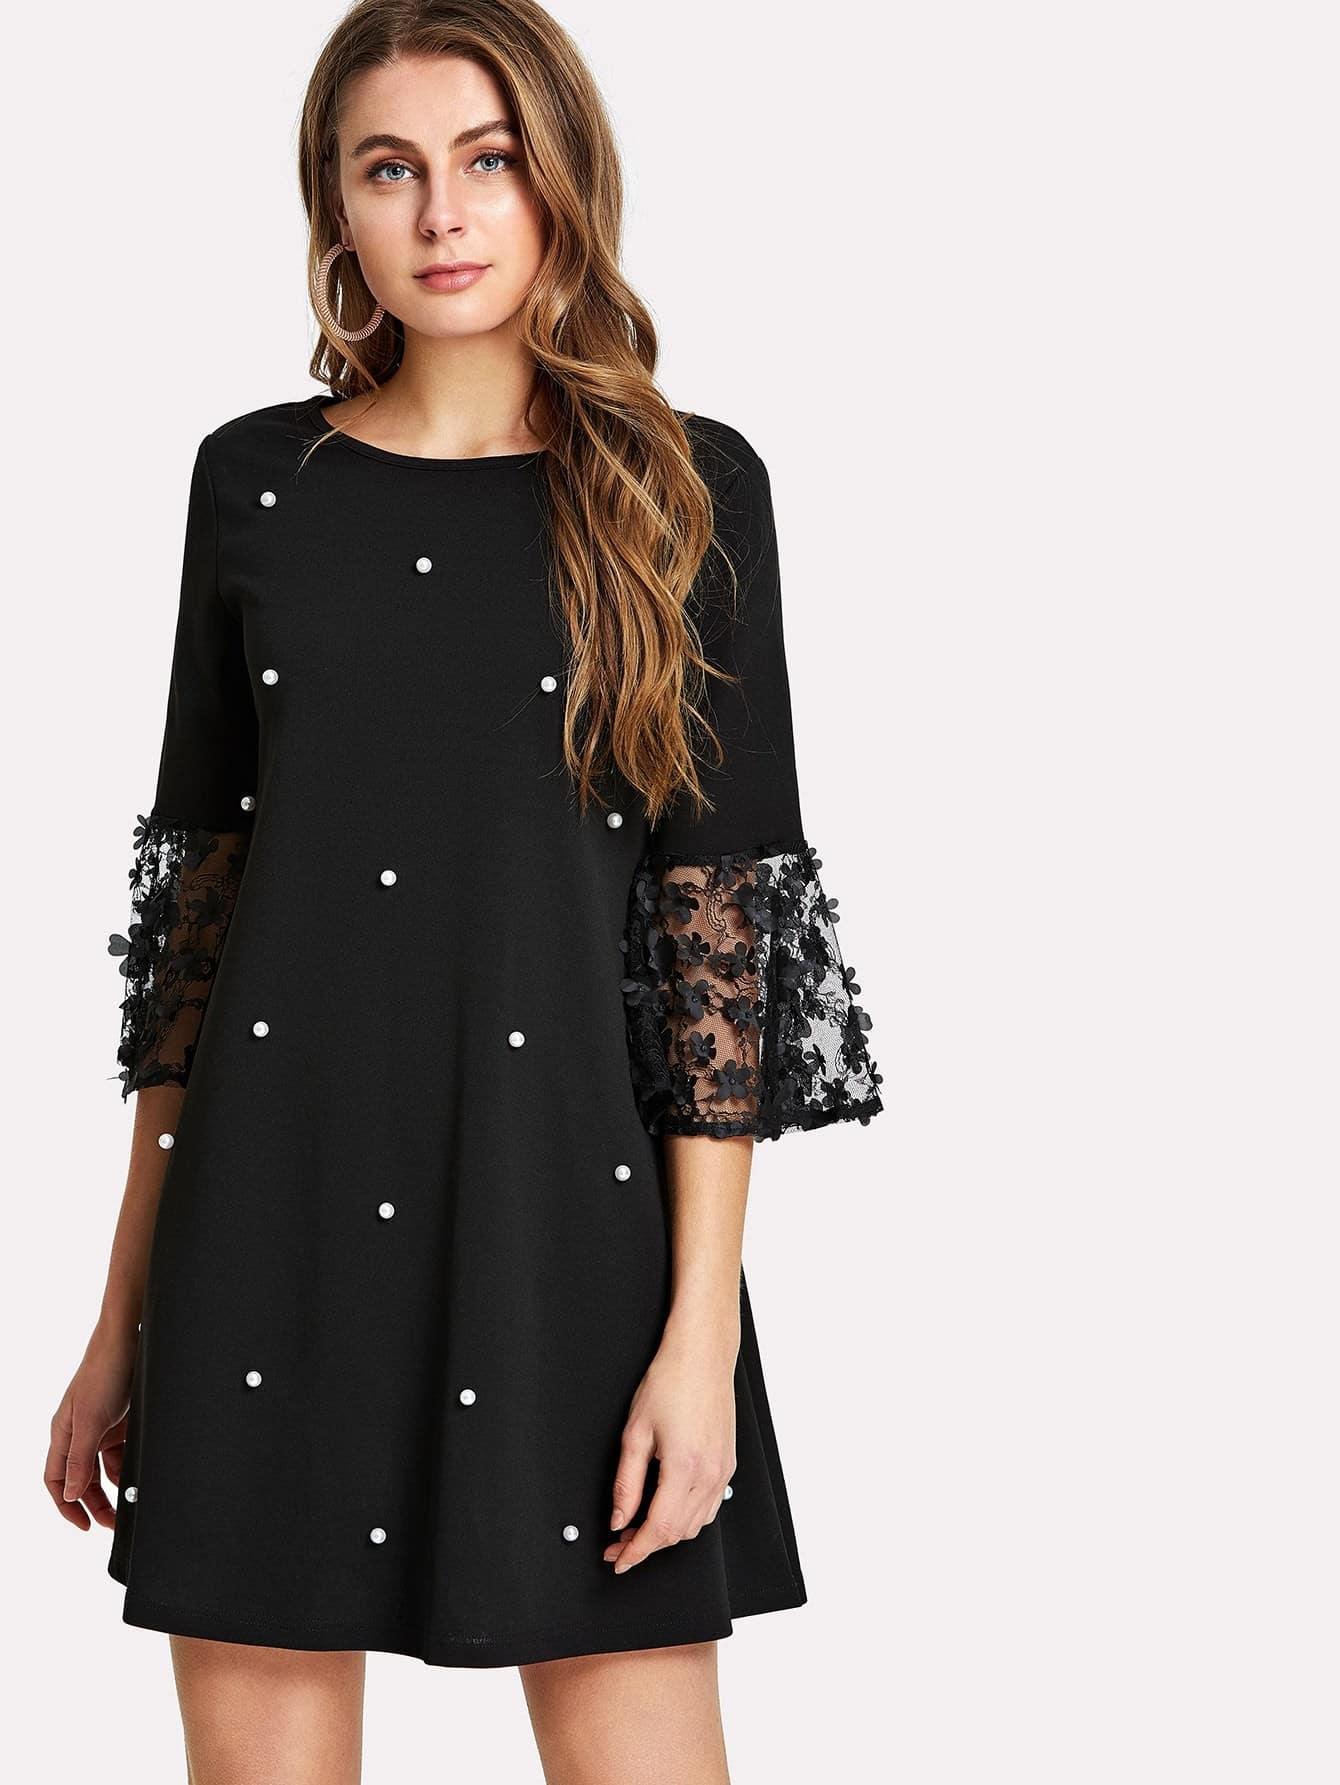 Applique Cuff Pearl Embellished Dress цена и фото